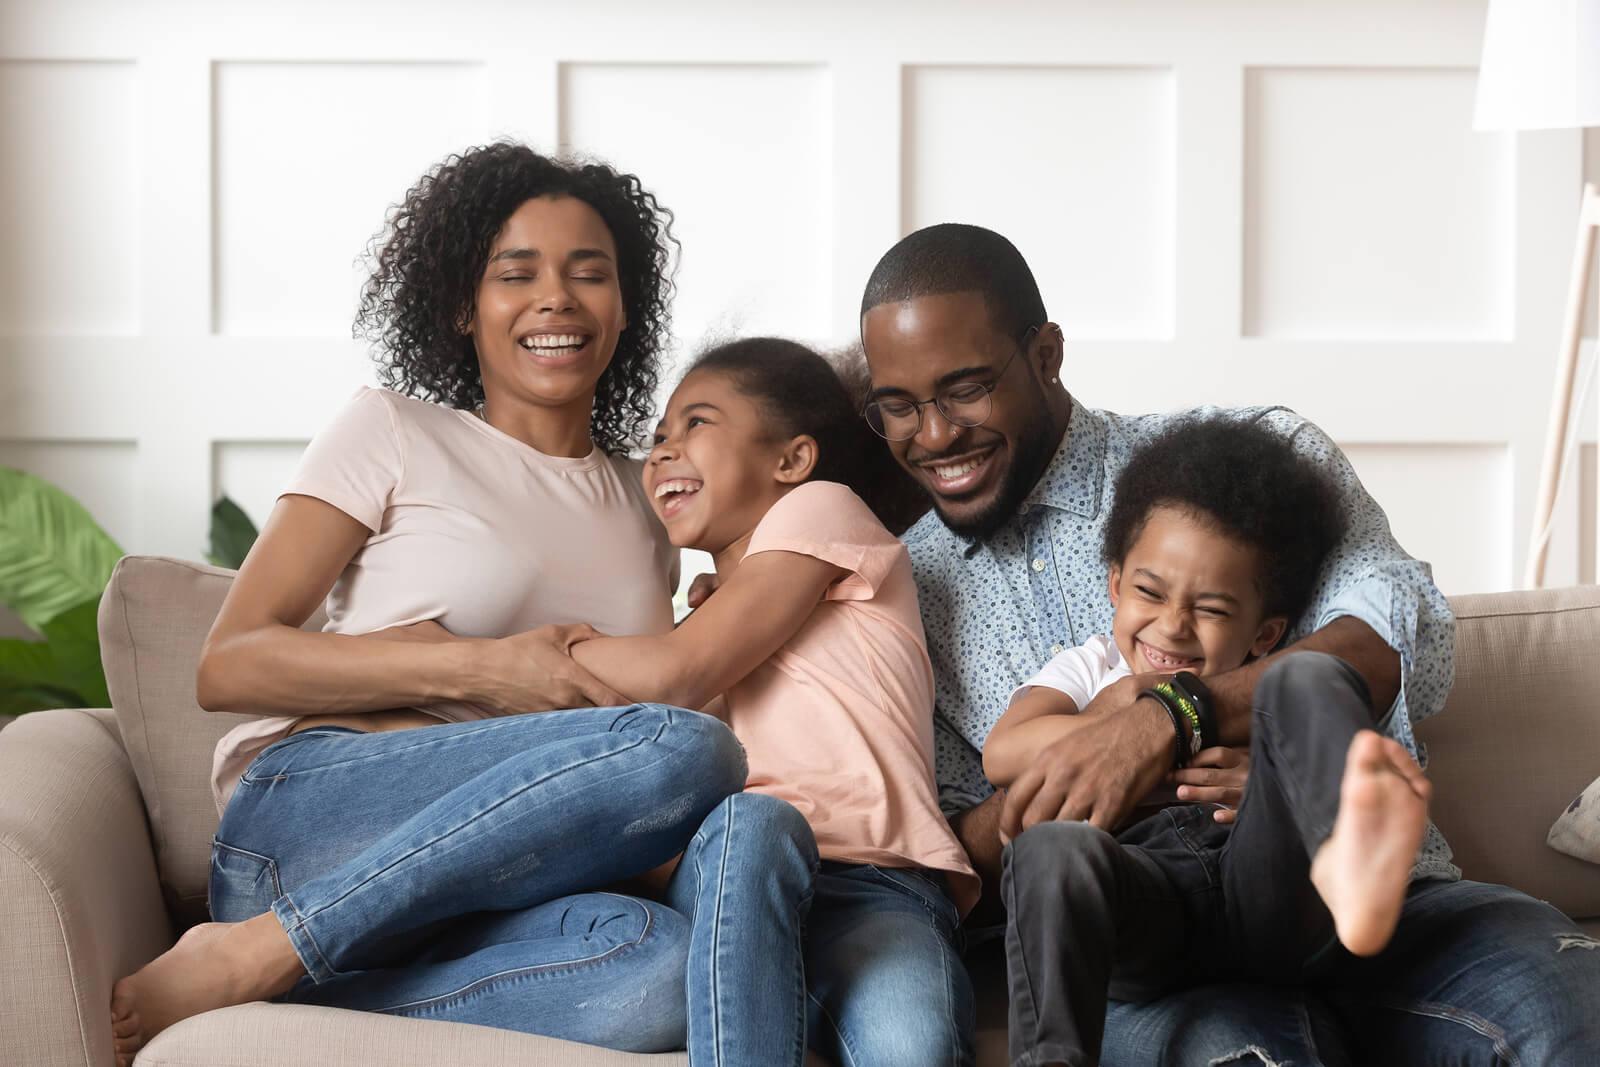 Familia jugando a juegos y divirtiéndose unida.